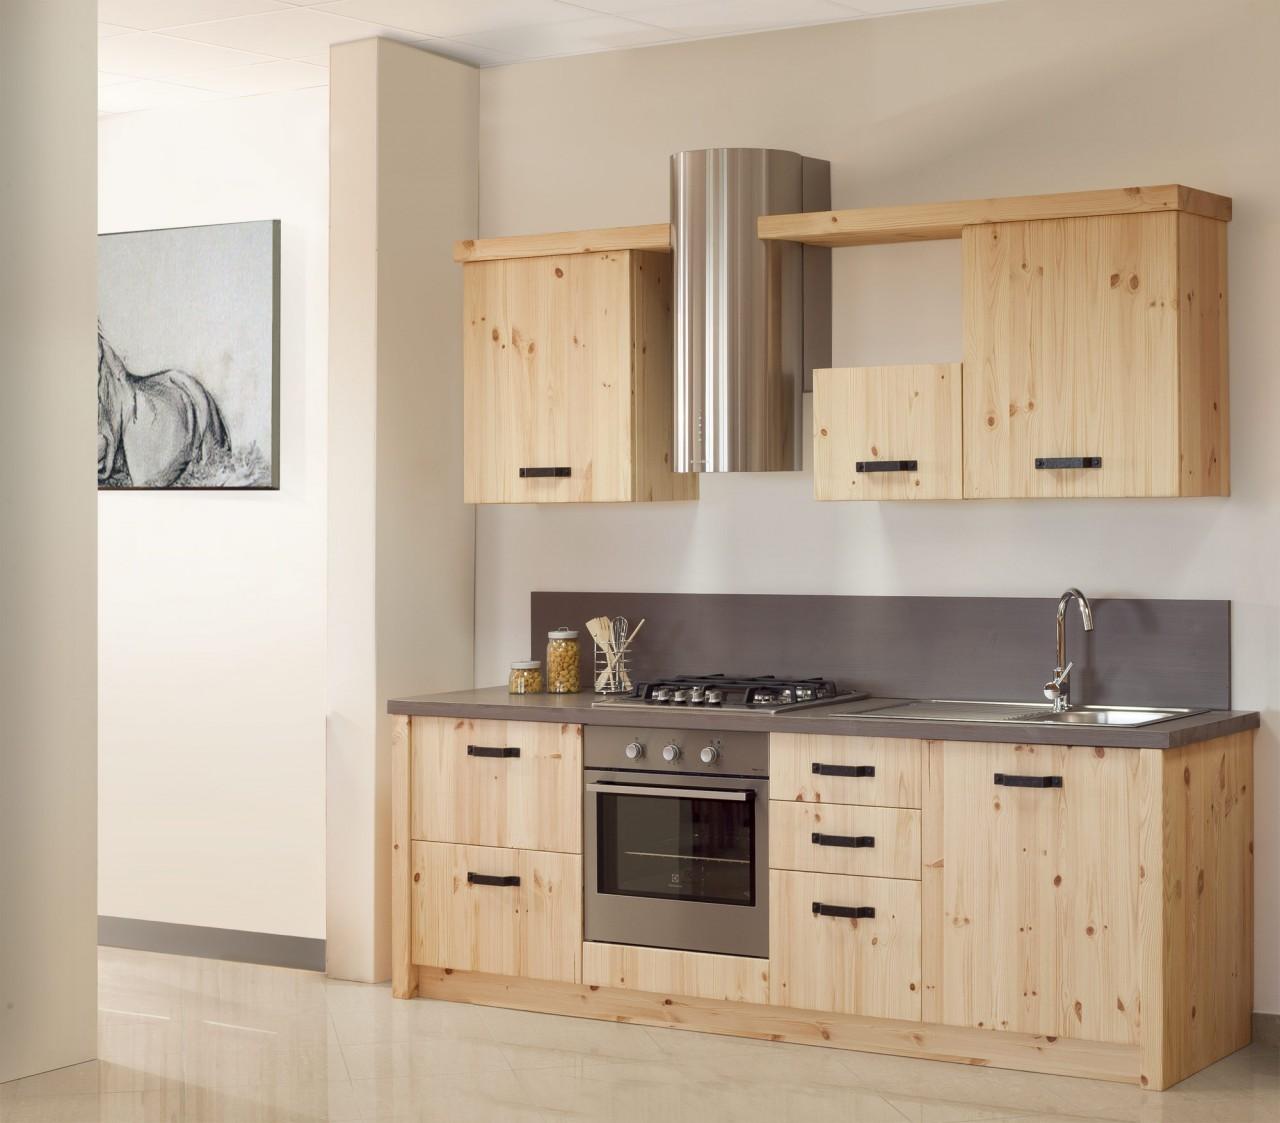 Cucine rustica, Cucina Milano, Arredamenti Rustici